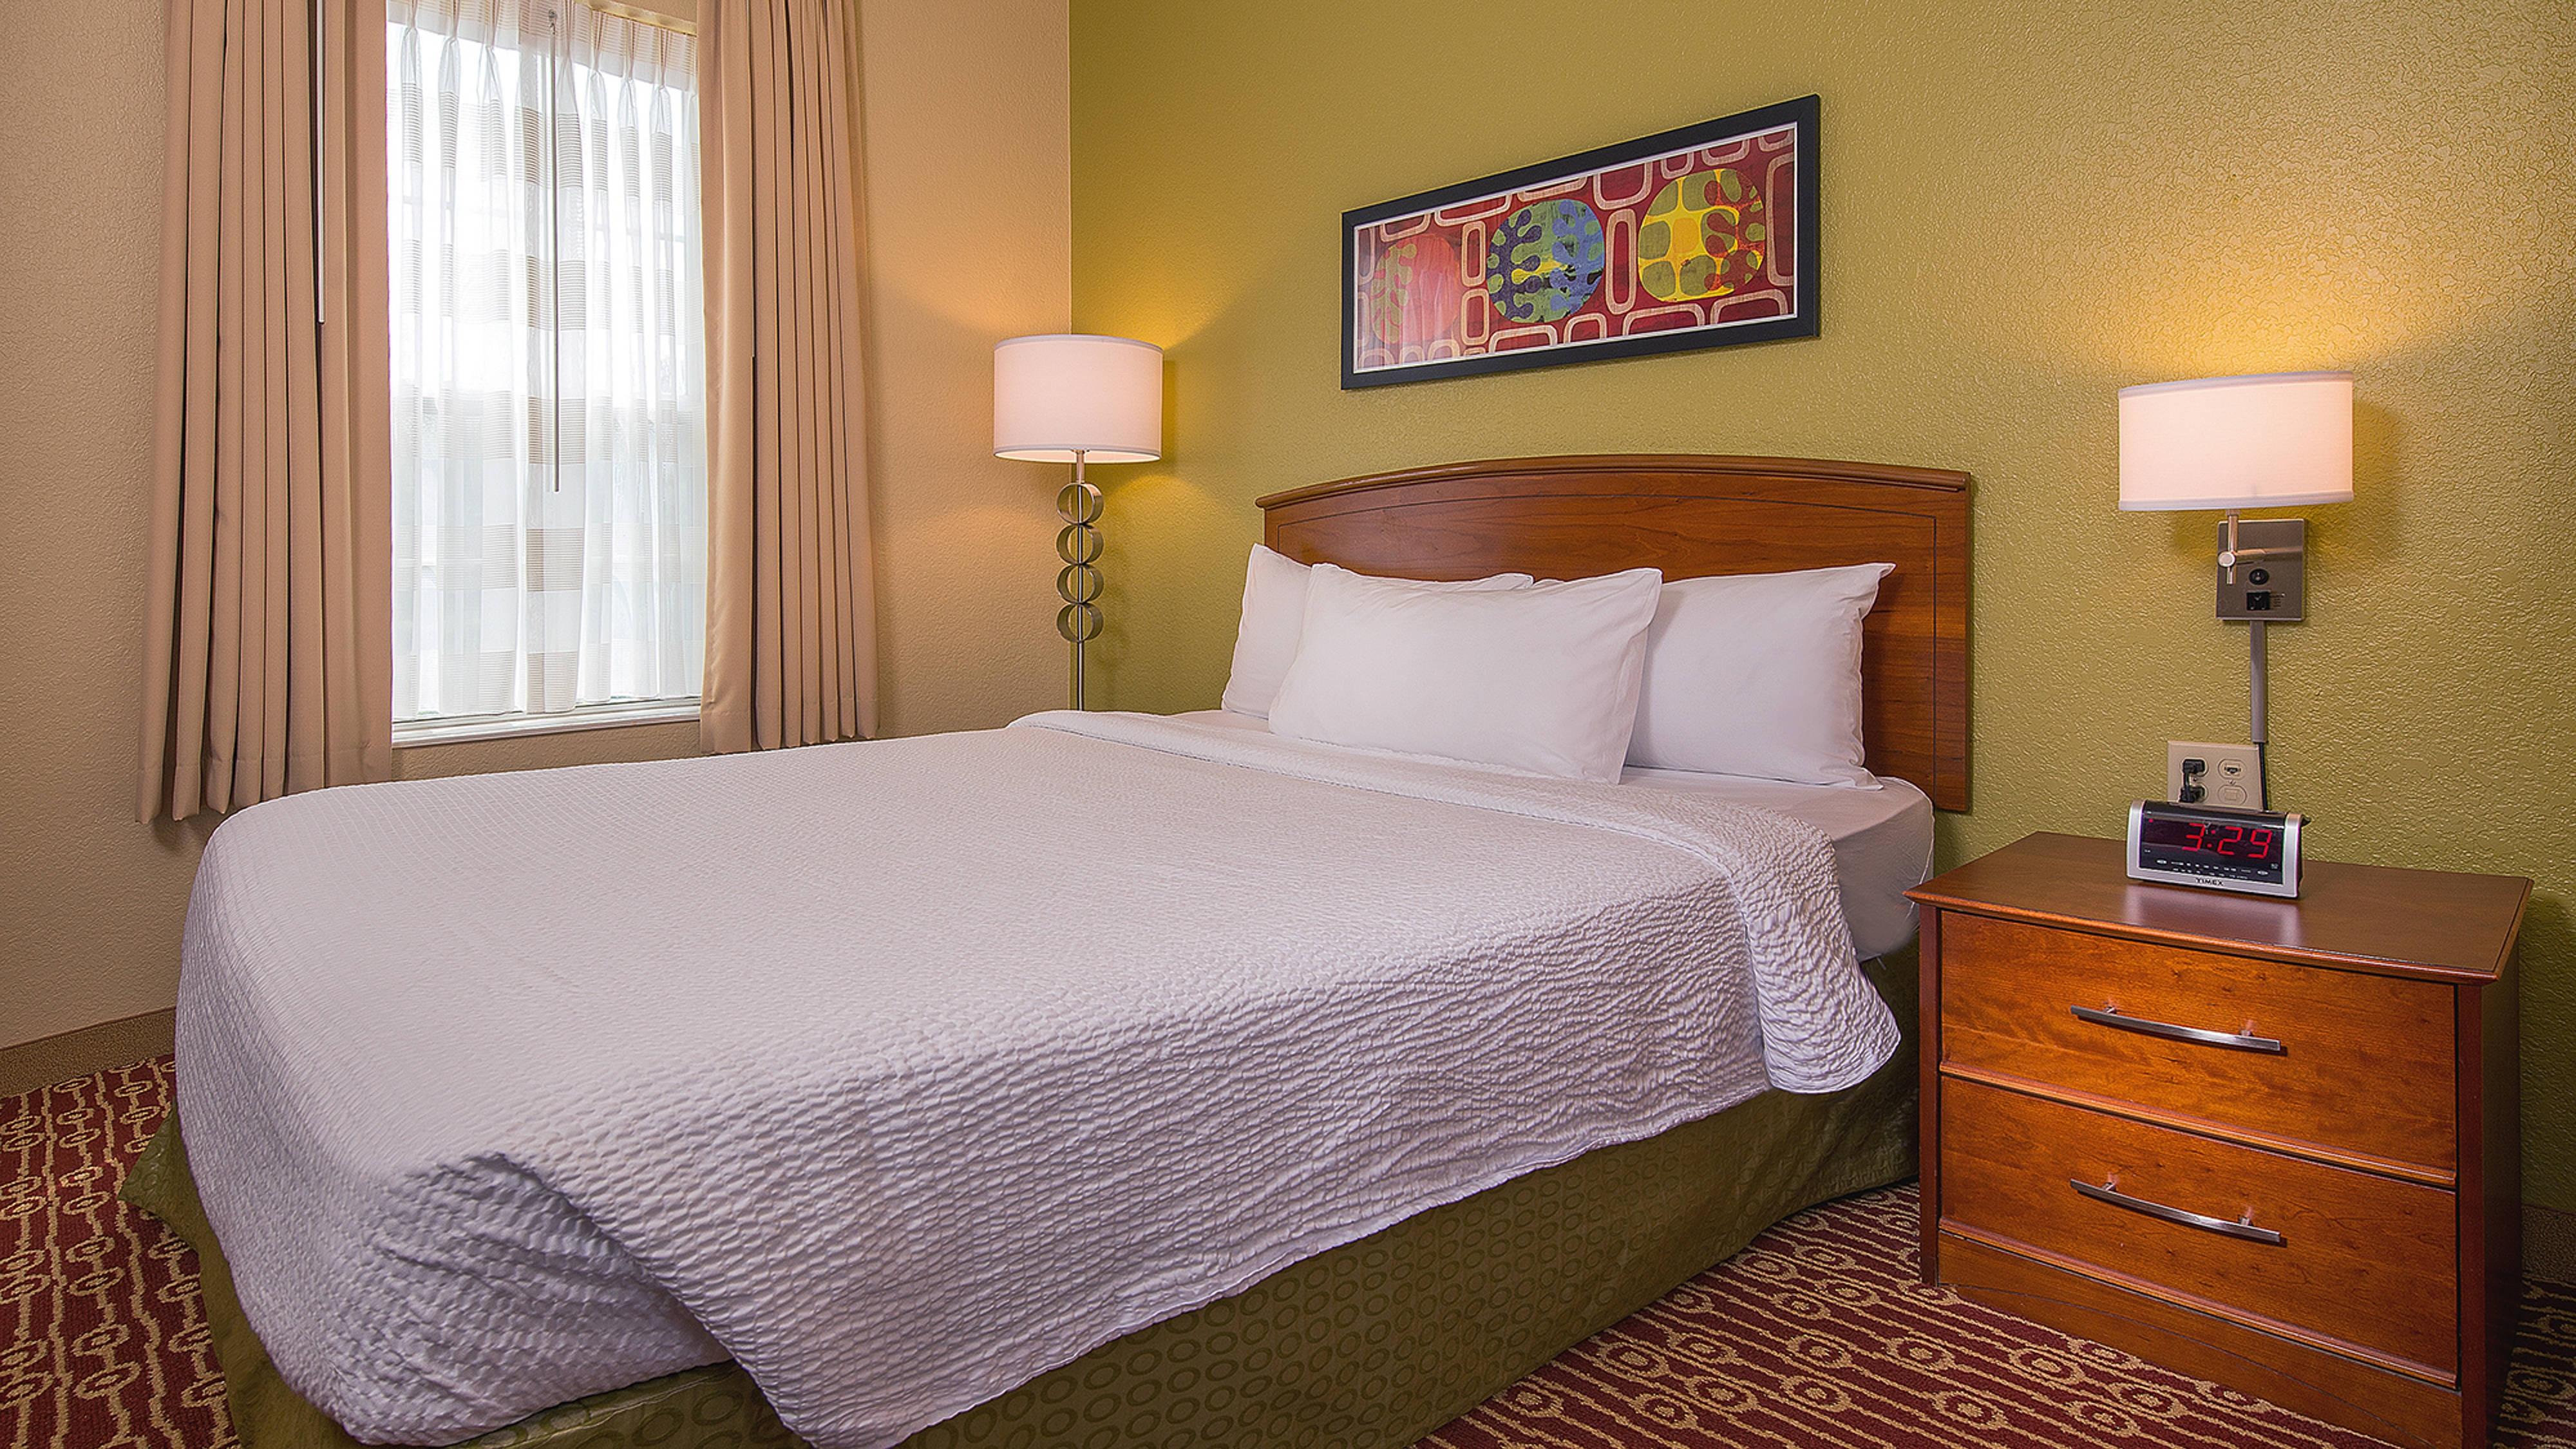 Área de dormir de la suite de dos dormitorios